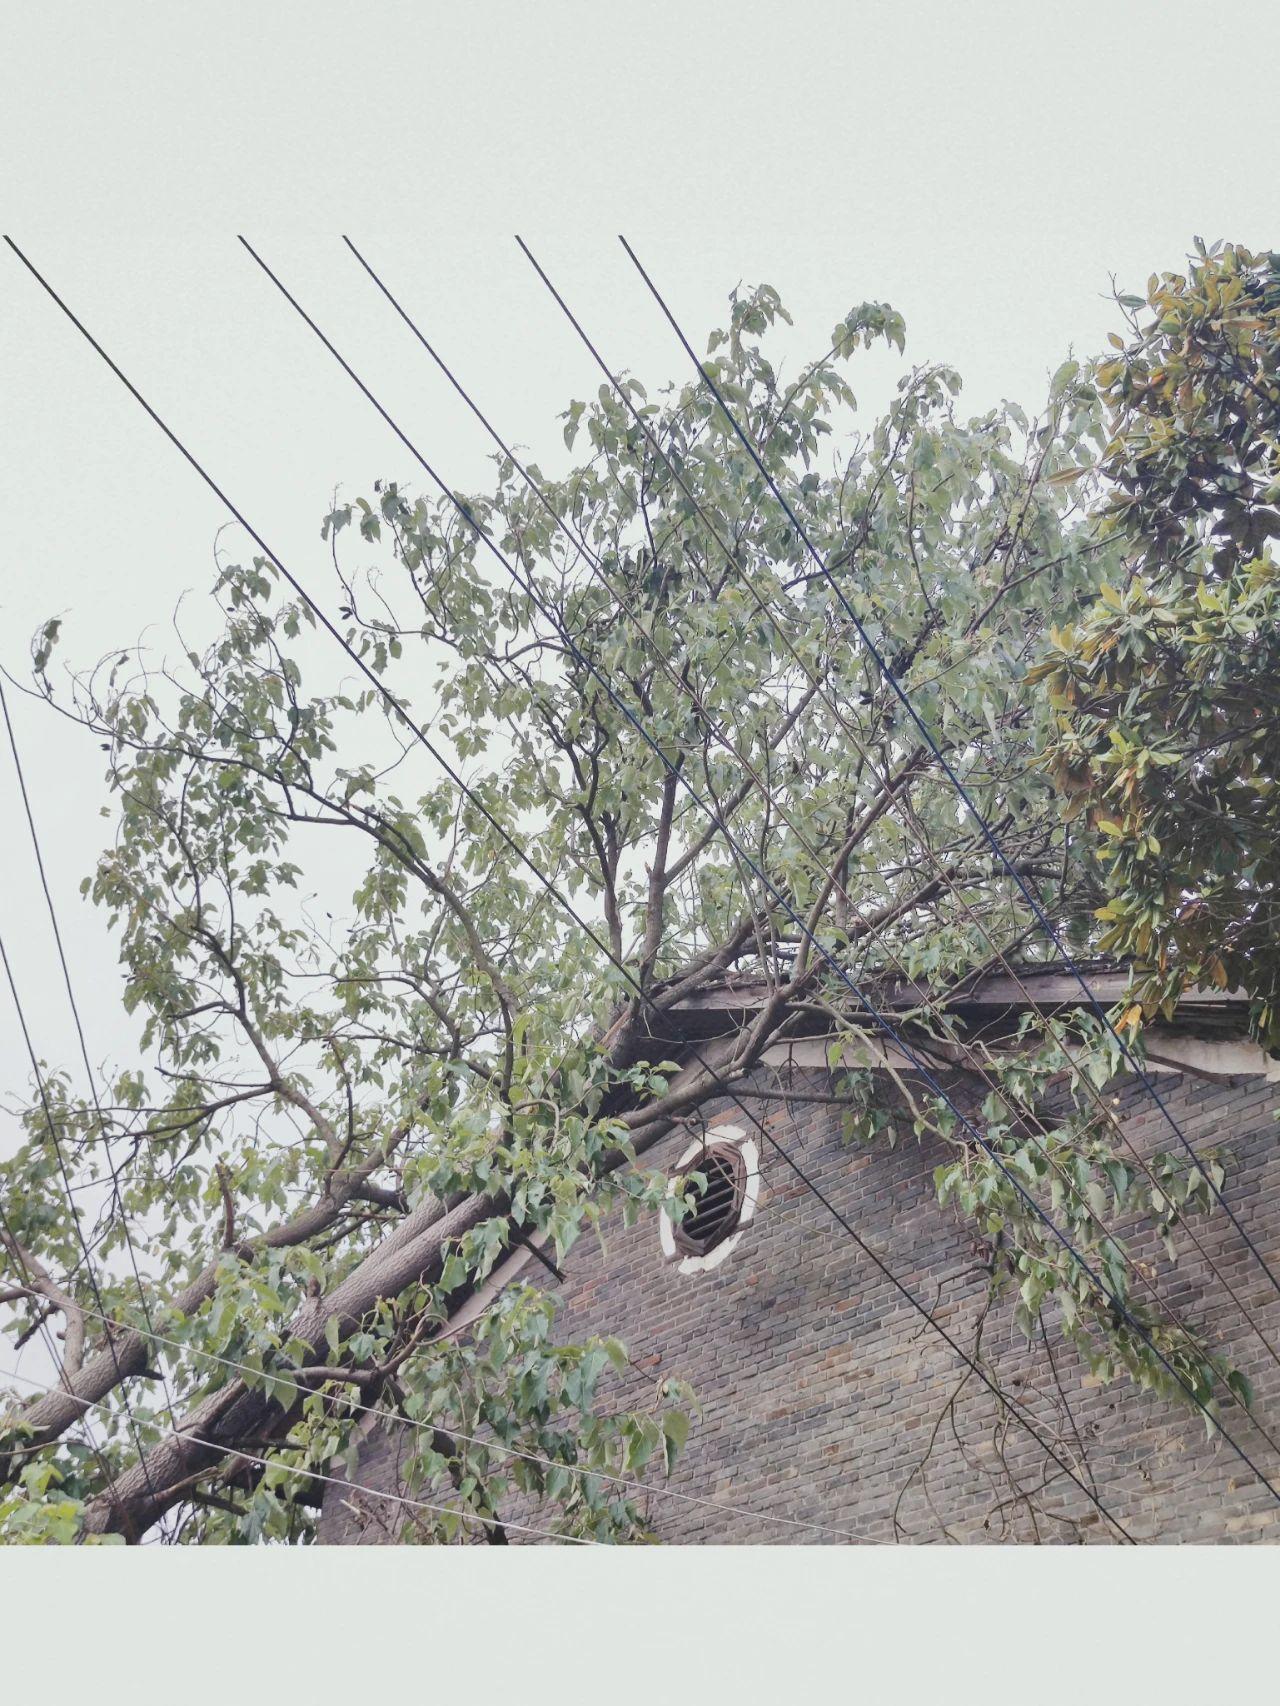 因恶劣天气,铅山一大树撞上老房屋,亟待处理!